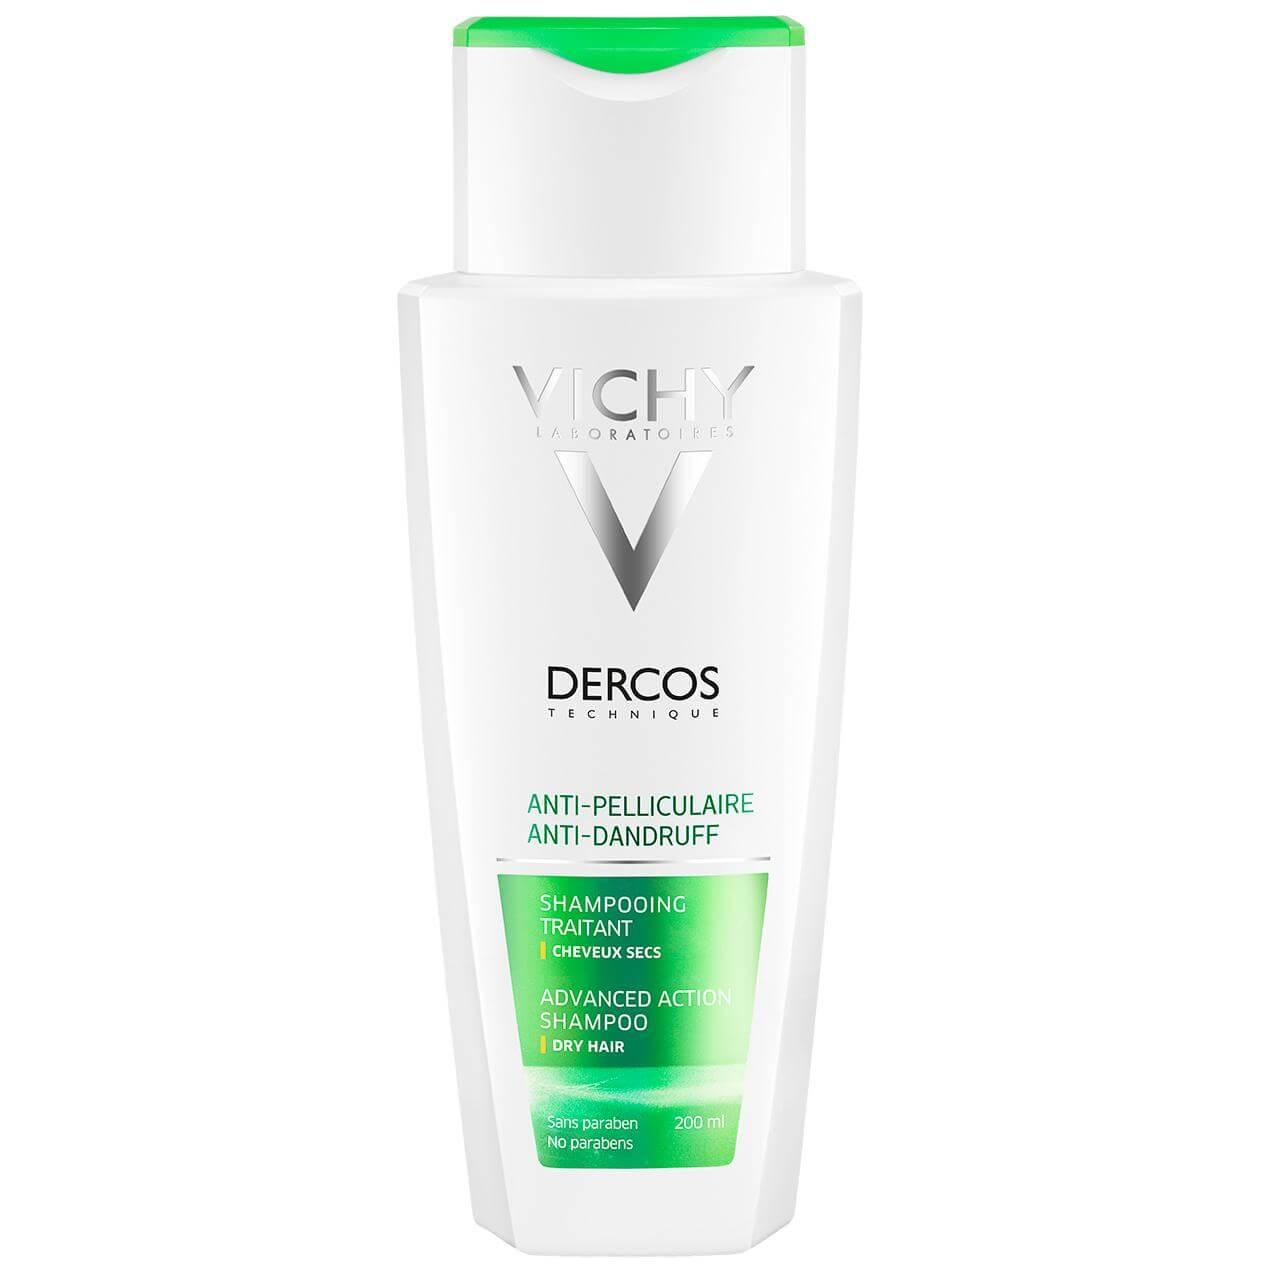 Vichy Dercos Shampoo Αντιπυτιριδικό Σαμπουάν Ξηρά Μαλλιά 200ml